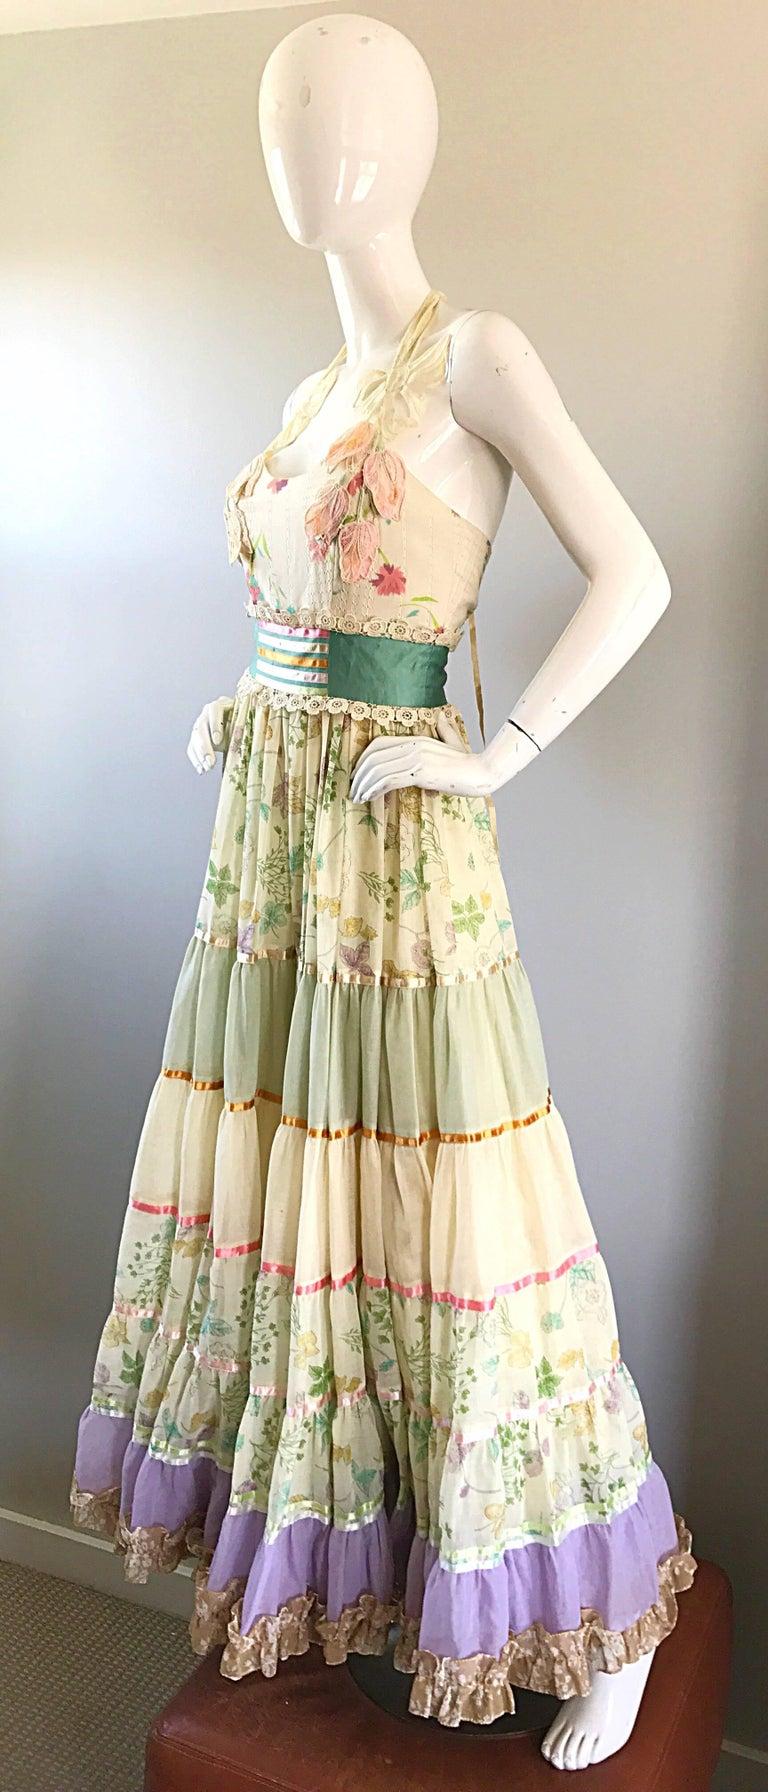 Women's Giorgio di Sant Angelo 1970s Rare Colorful Cotton Voile Vintage 70s Maxi Dress For Sale